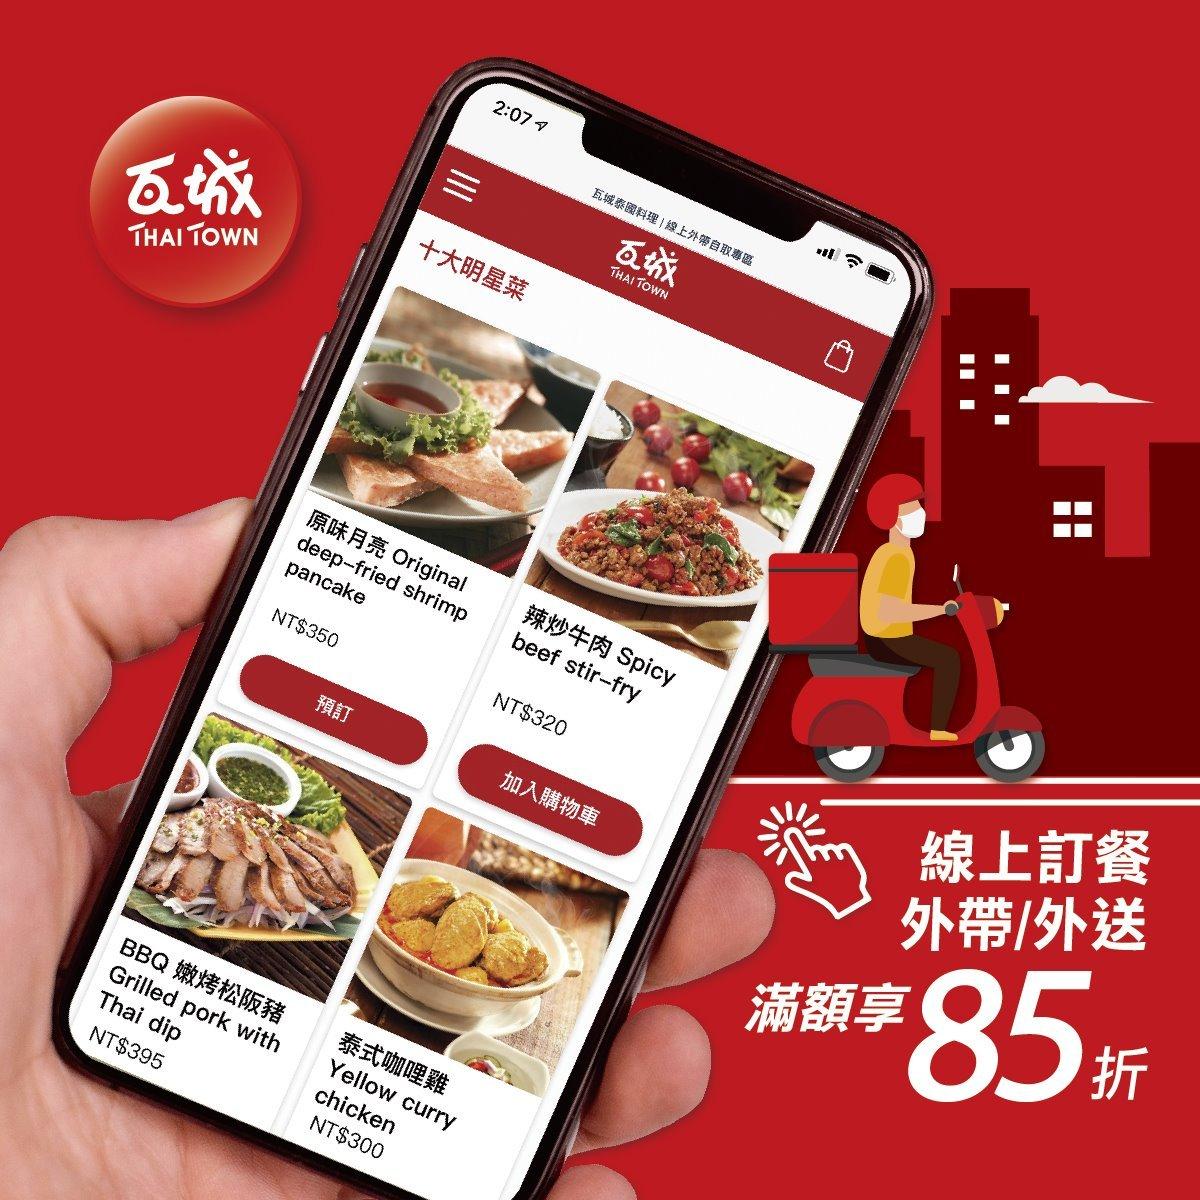 台北外帶美食 優惠餐廳總整理 防疫期間外帶優惠總整理! 連鎖品牌外帶優惠懶人包 94